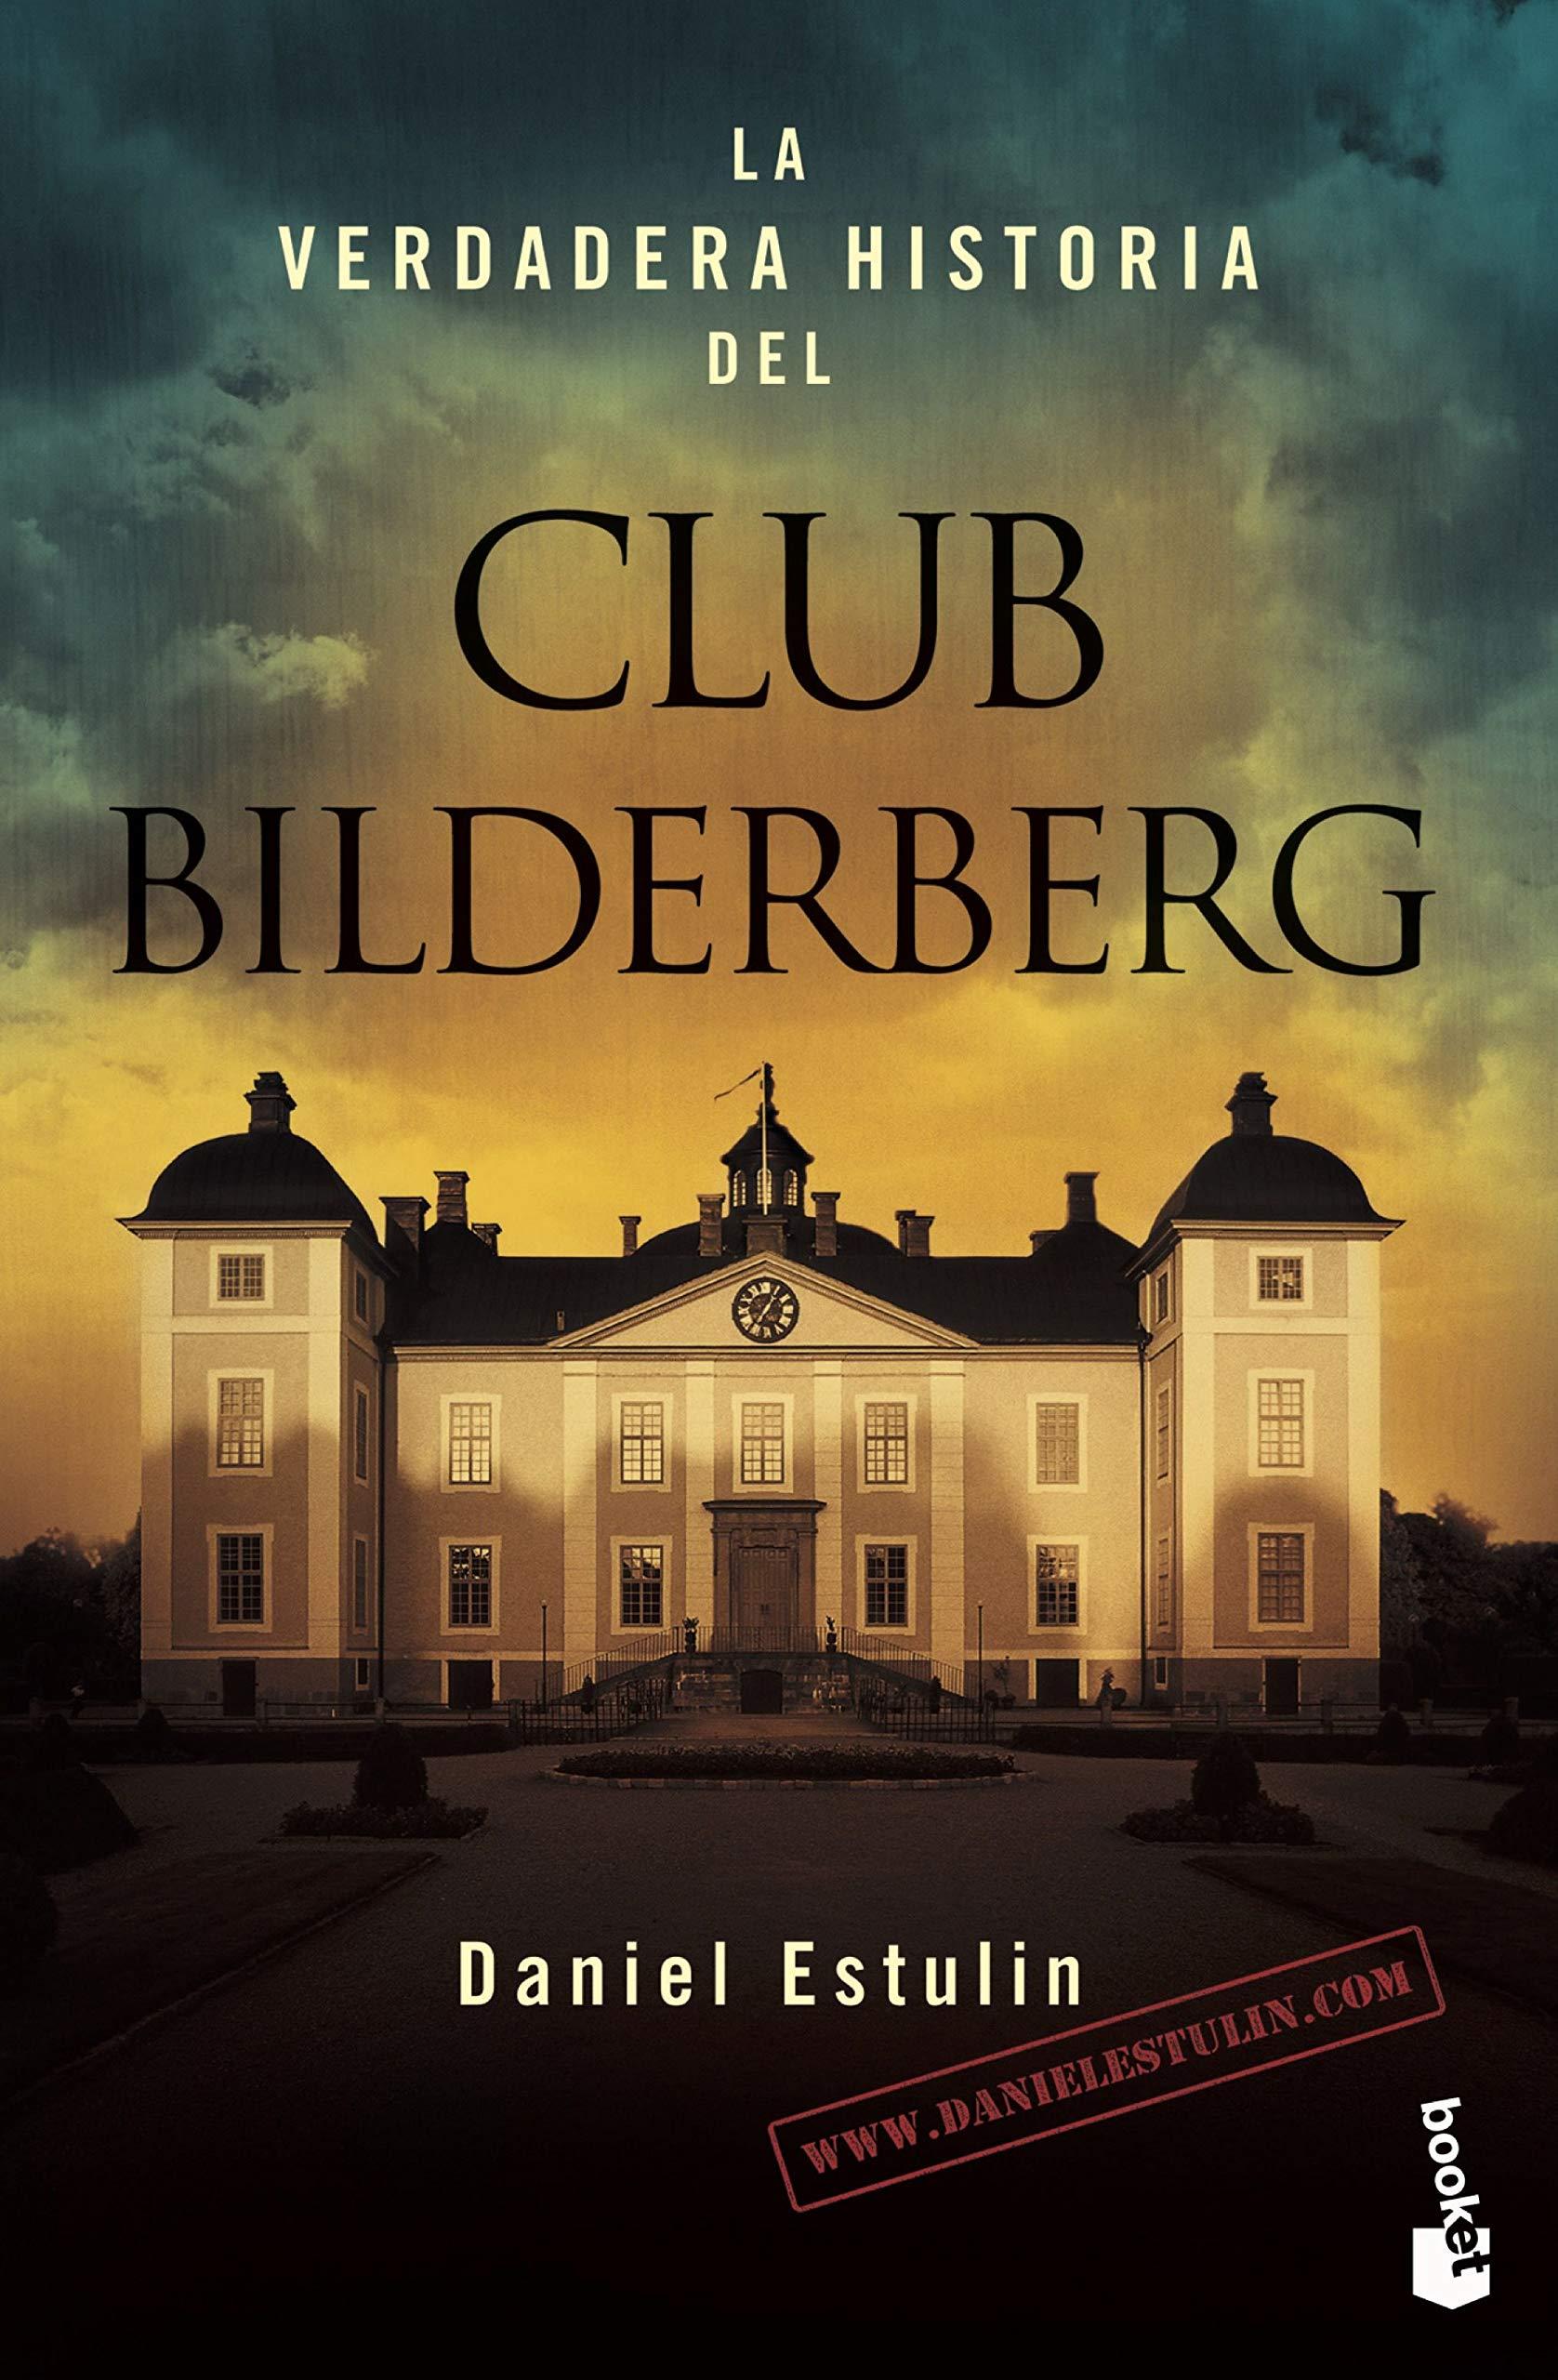 La verdadera historia del Club Bilderberg (Divulgación)